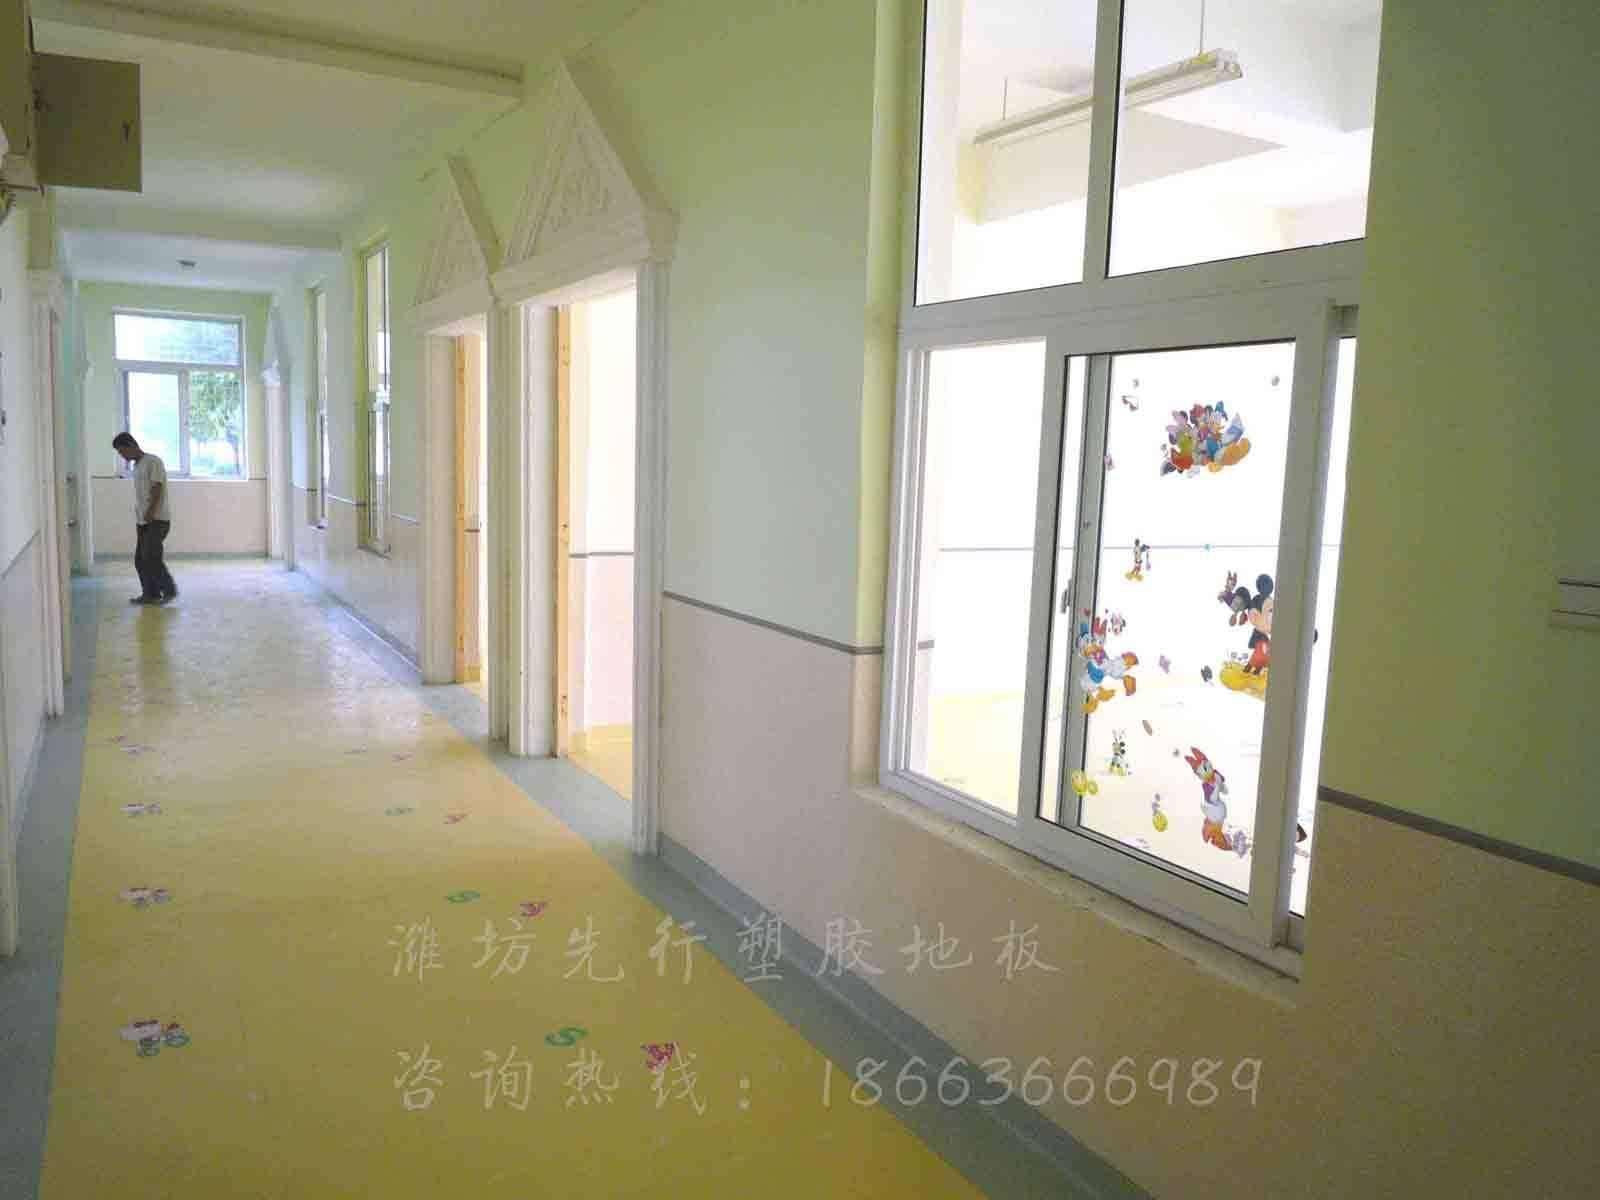 幼儿园走廊 - 产品库